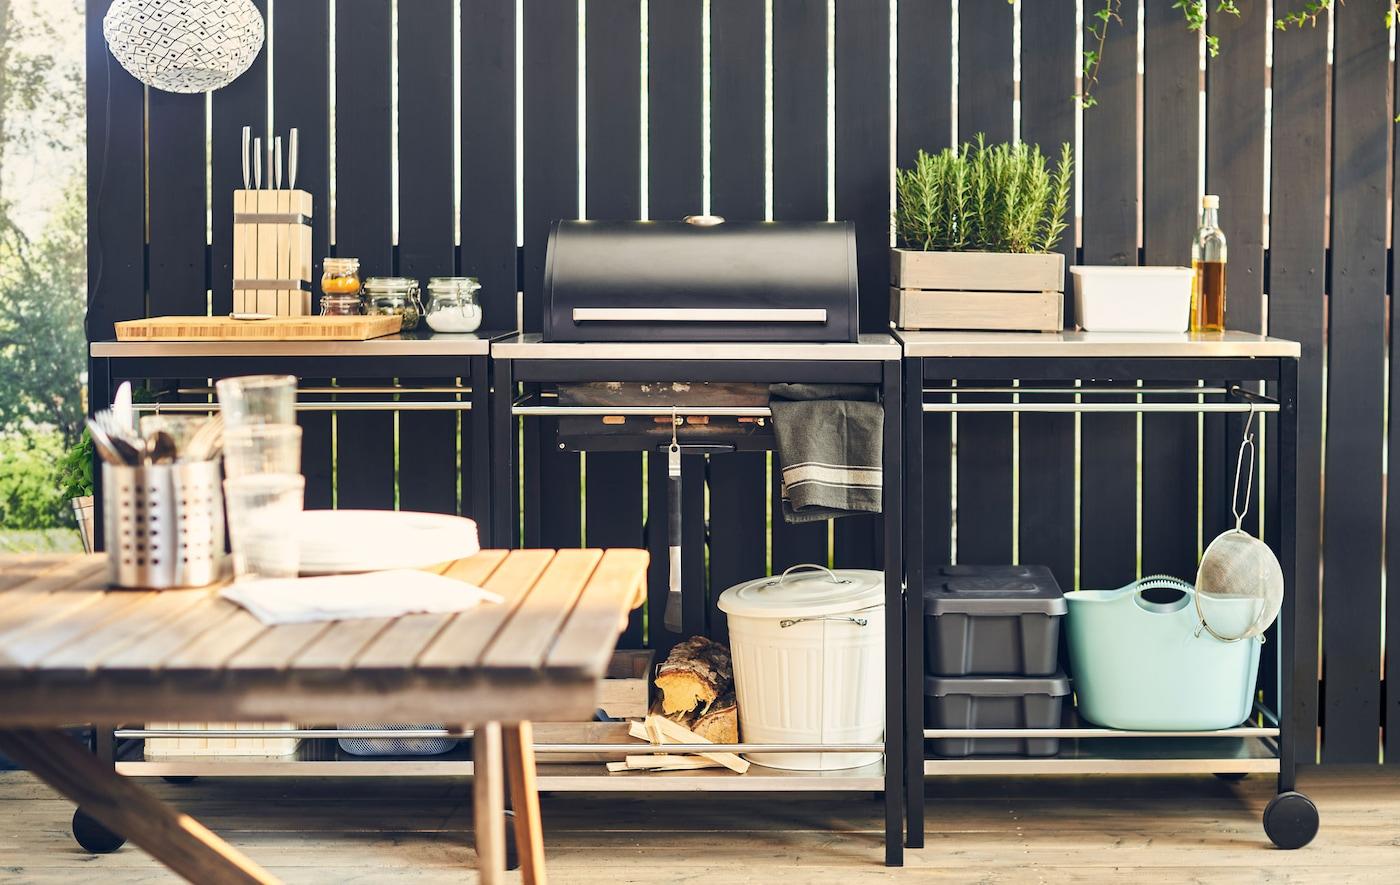 Outdoor-Küche planen: Tipps & Tricks - IKEA Deutschland